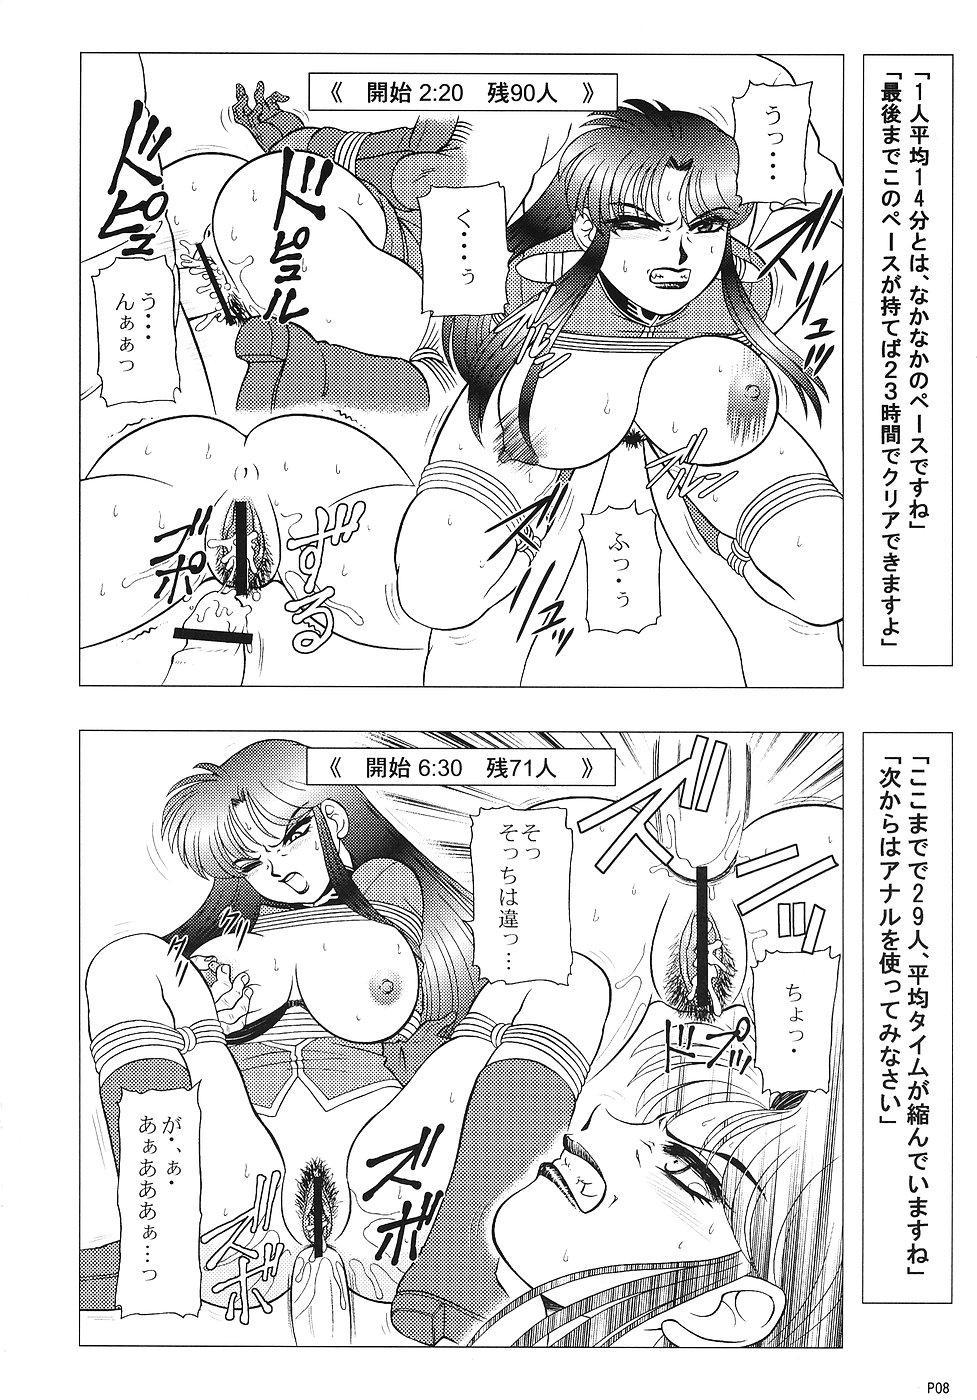 (C70) [Jingai Makyou Club (WING☆BIRD)] Charaemu W B004 GANDAM003 08-83-CCA (Kidou Senshi Gundam) 6